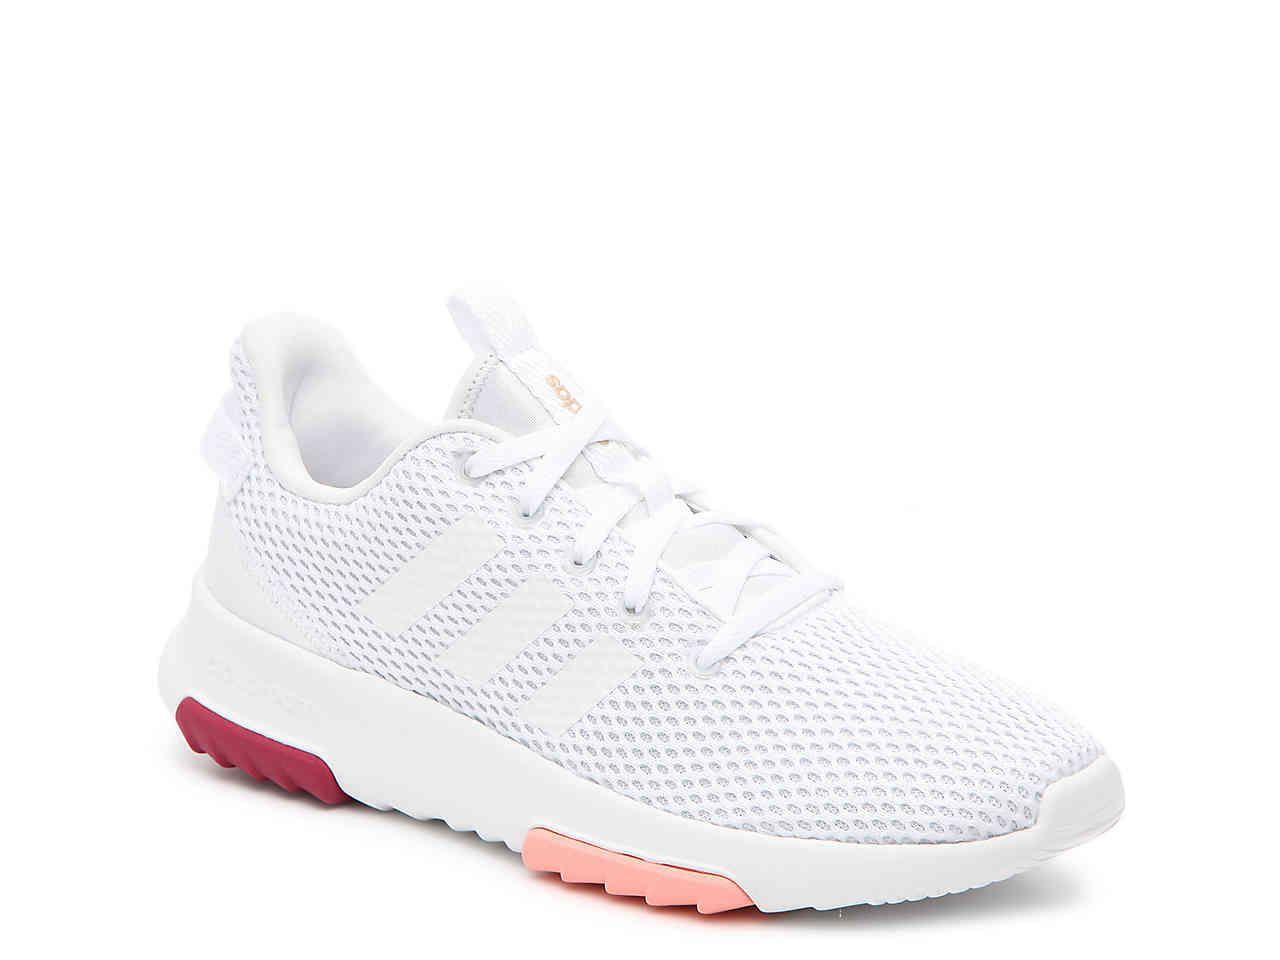 adidas Cloudfoam Racer TR Sneaker Women's Women's Shoes | DSW